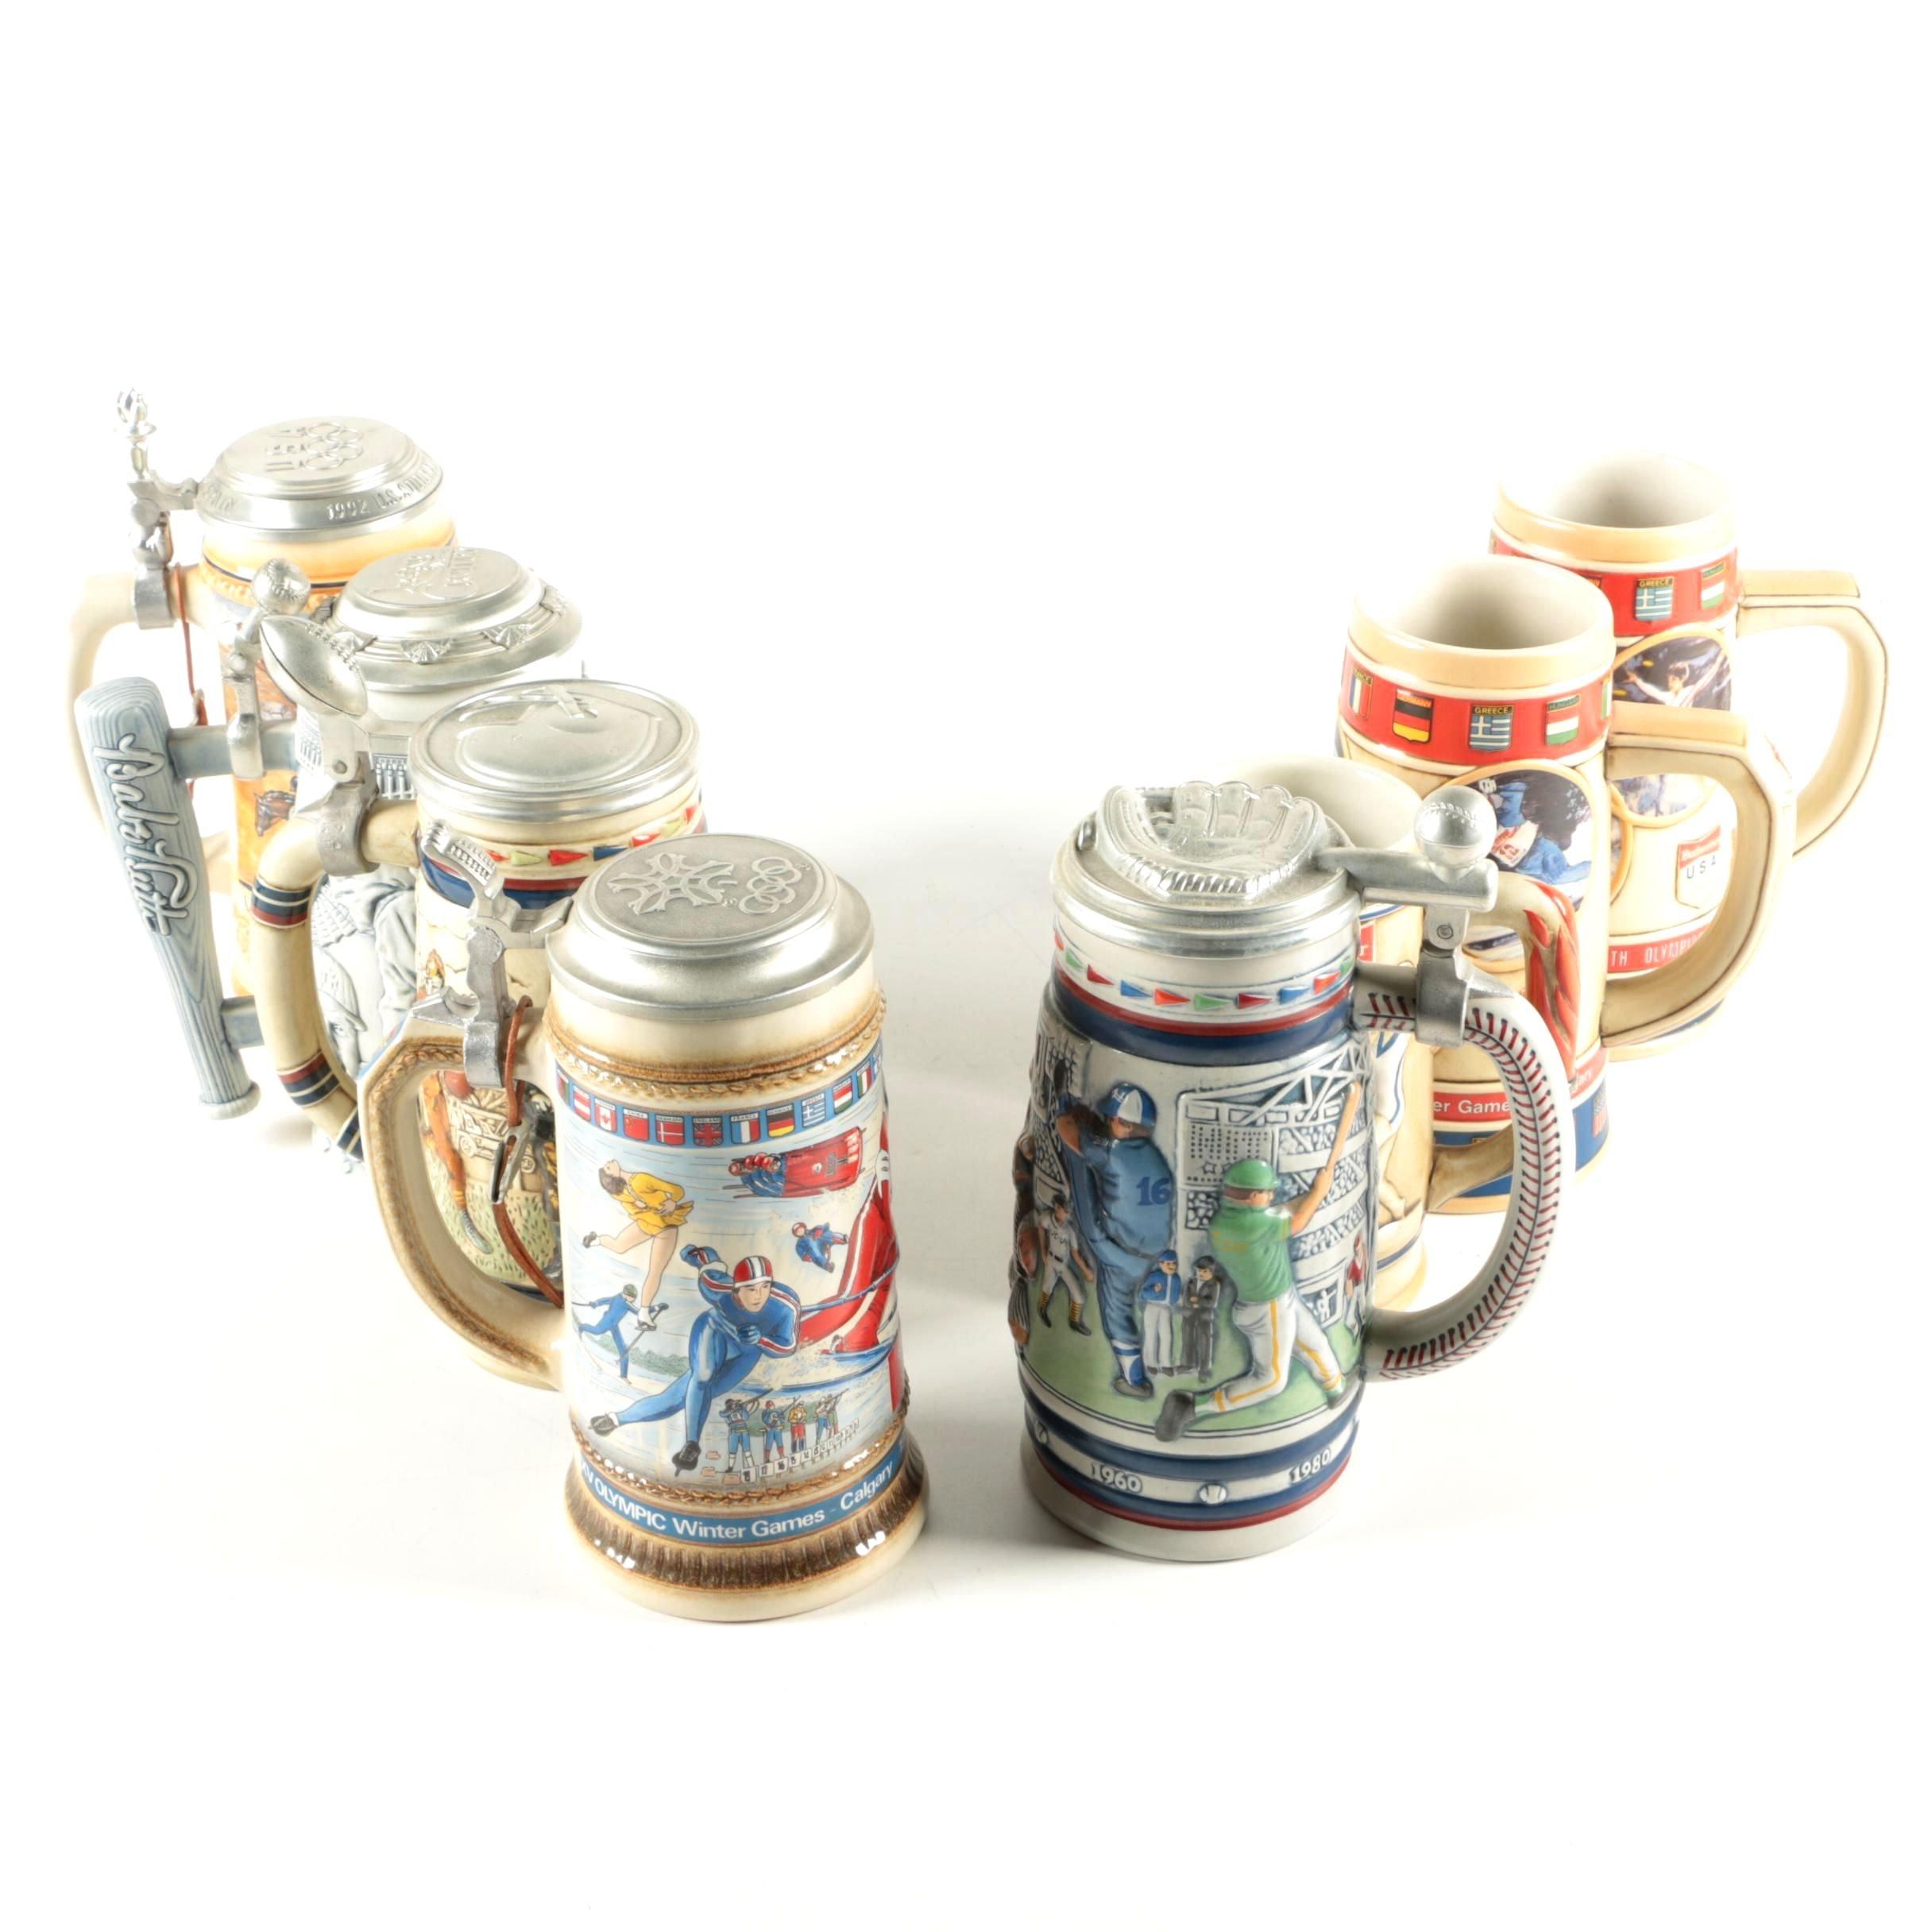 Anheuser-Busch, Avon, and Gerz Beer Steins